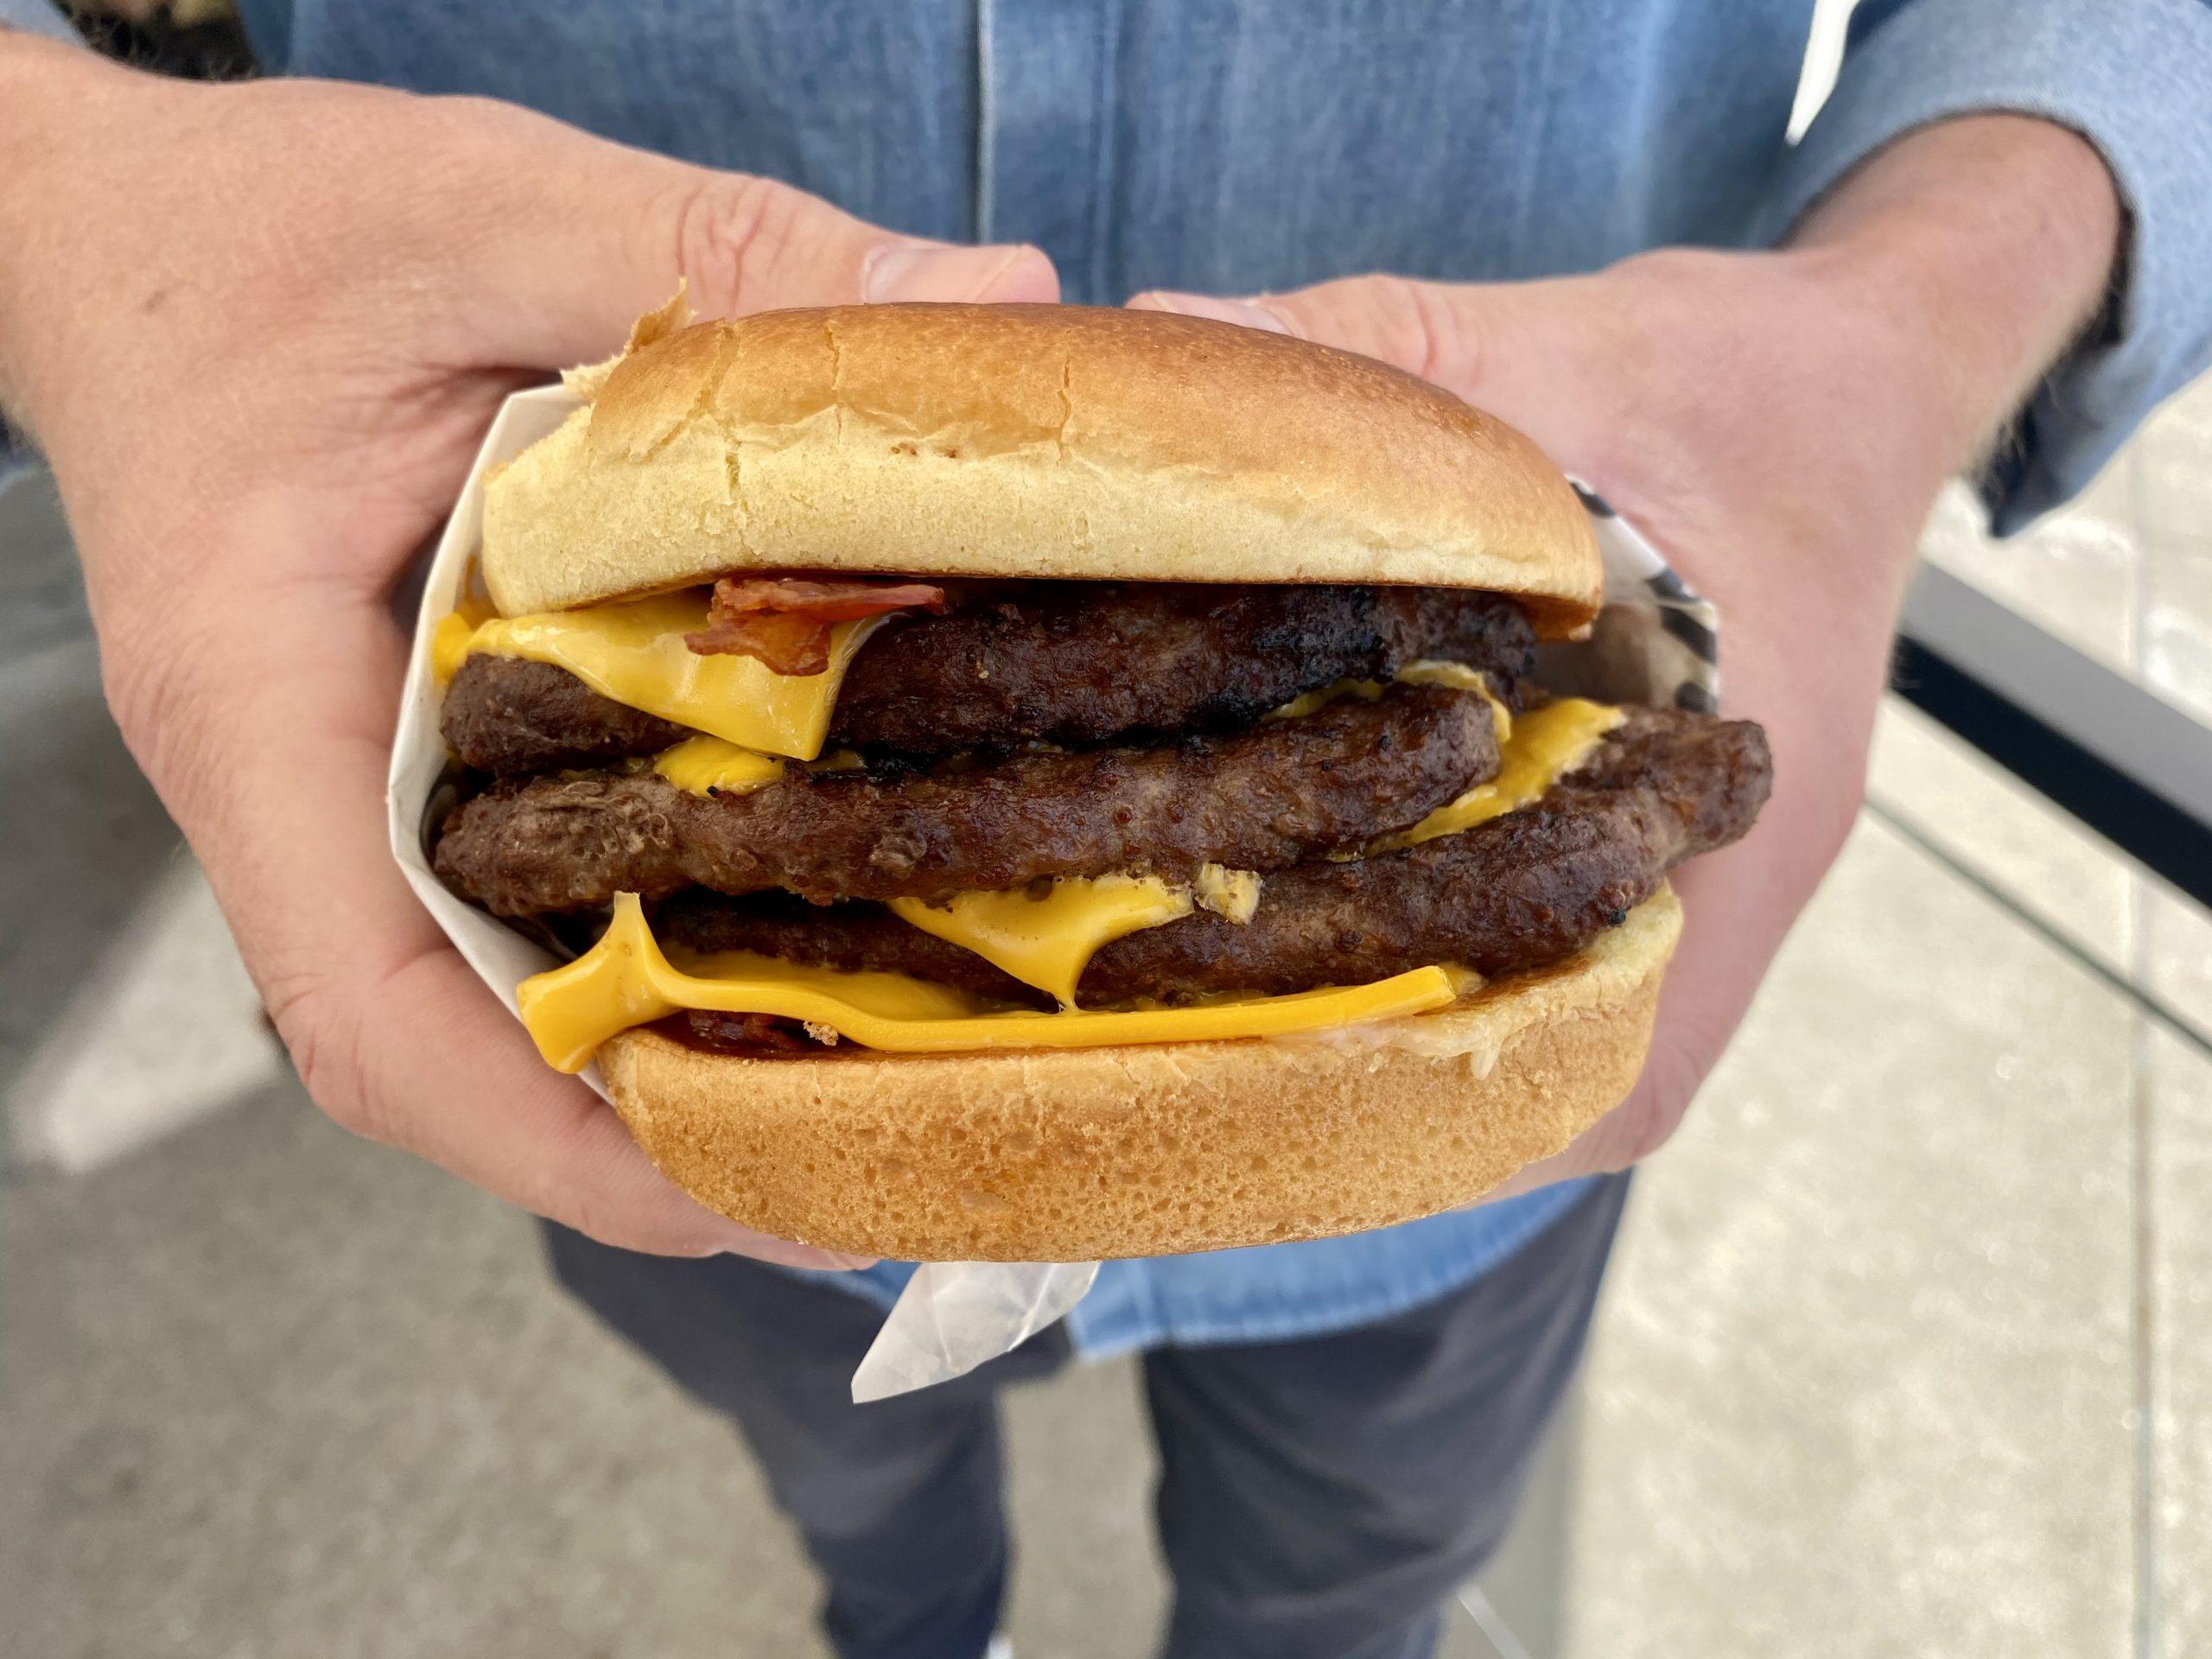 Én af hver, tak: På jagt efter vores favoritter hos populær burgerkæde